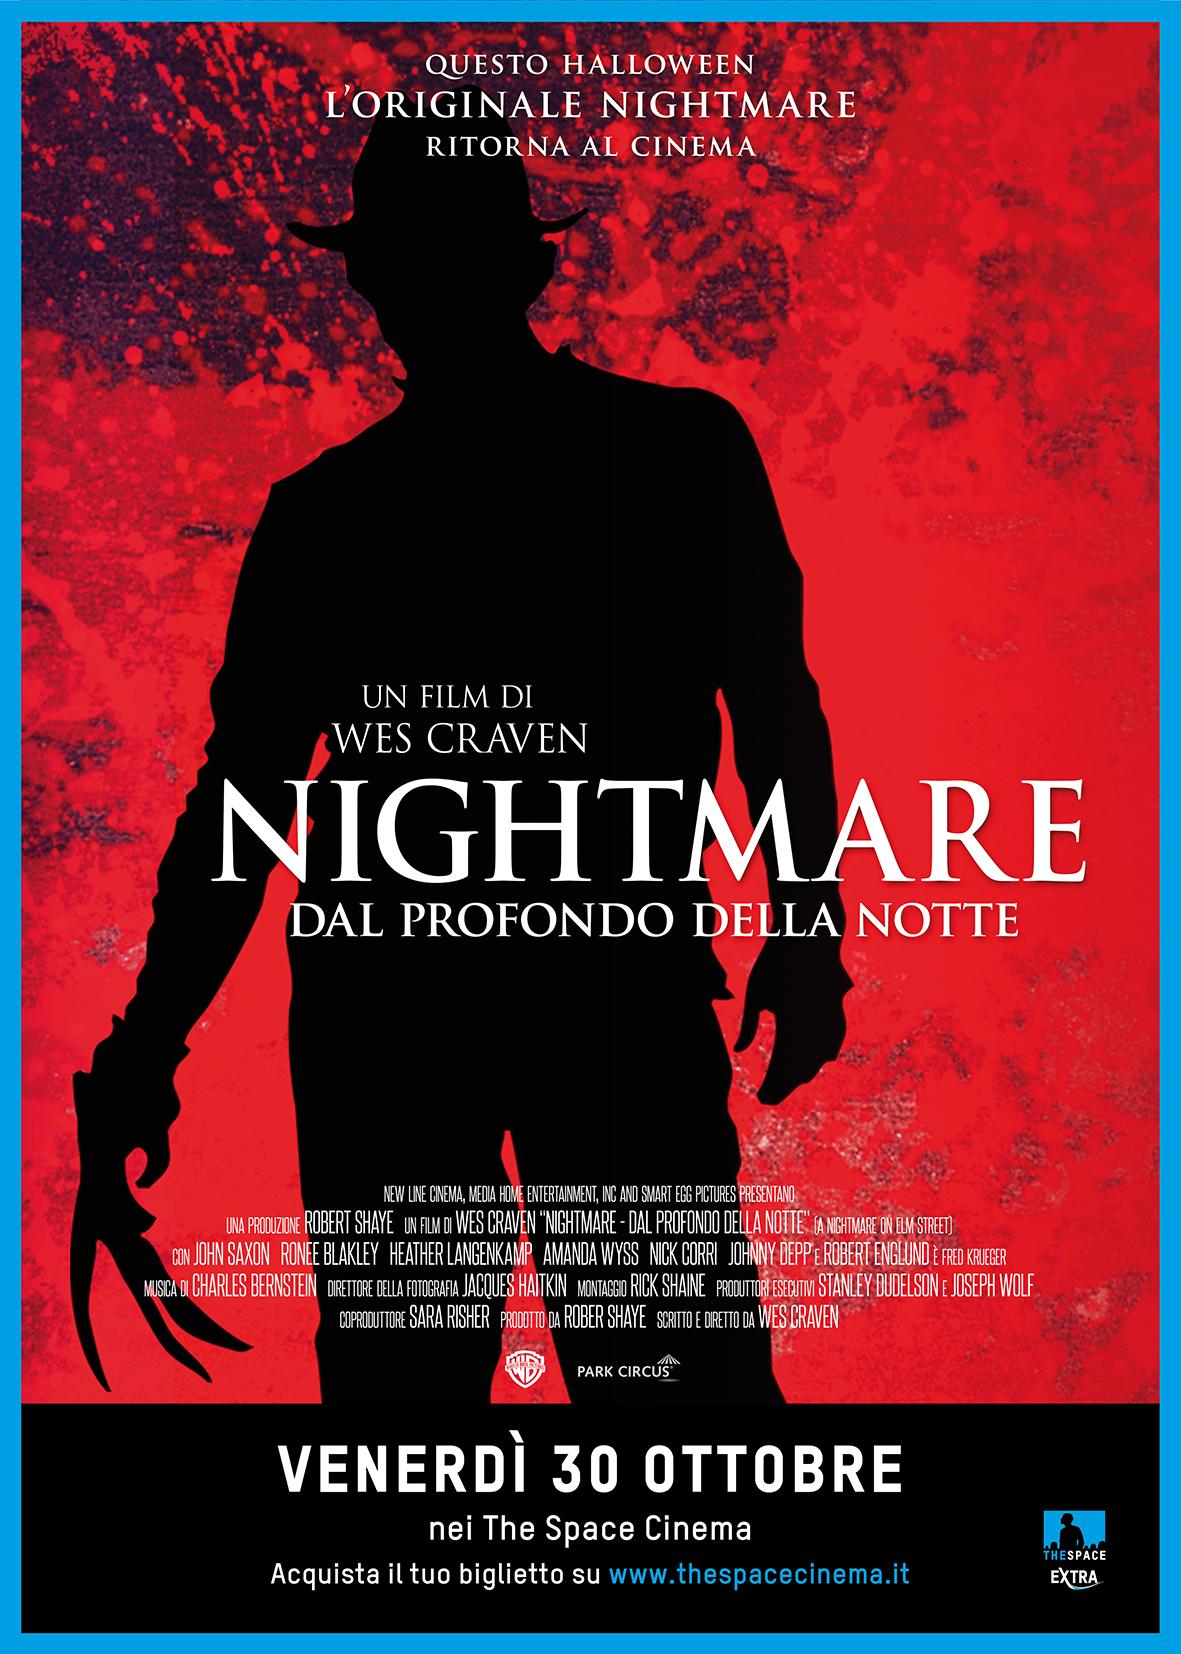 Poster del ritorno in sala di Nightmare, nel 2015